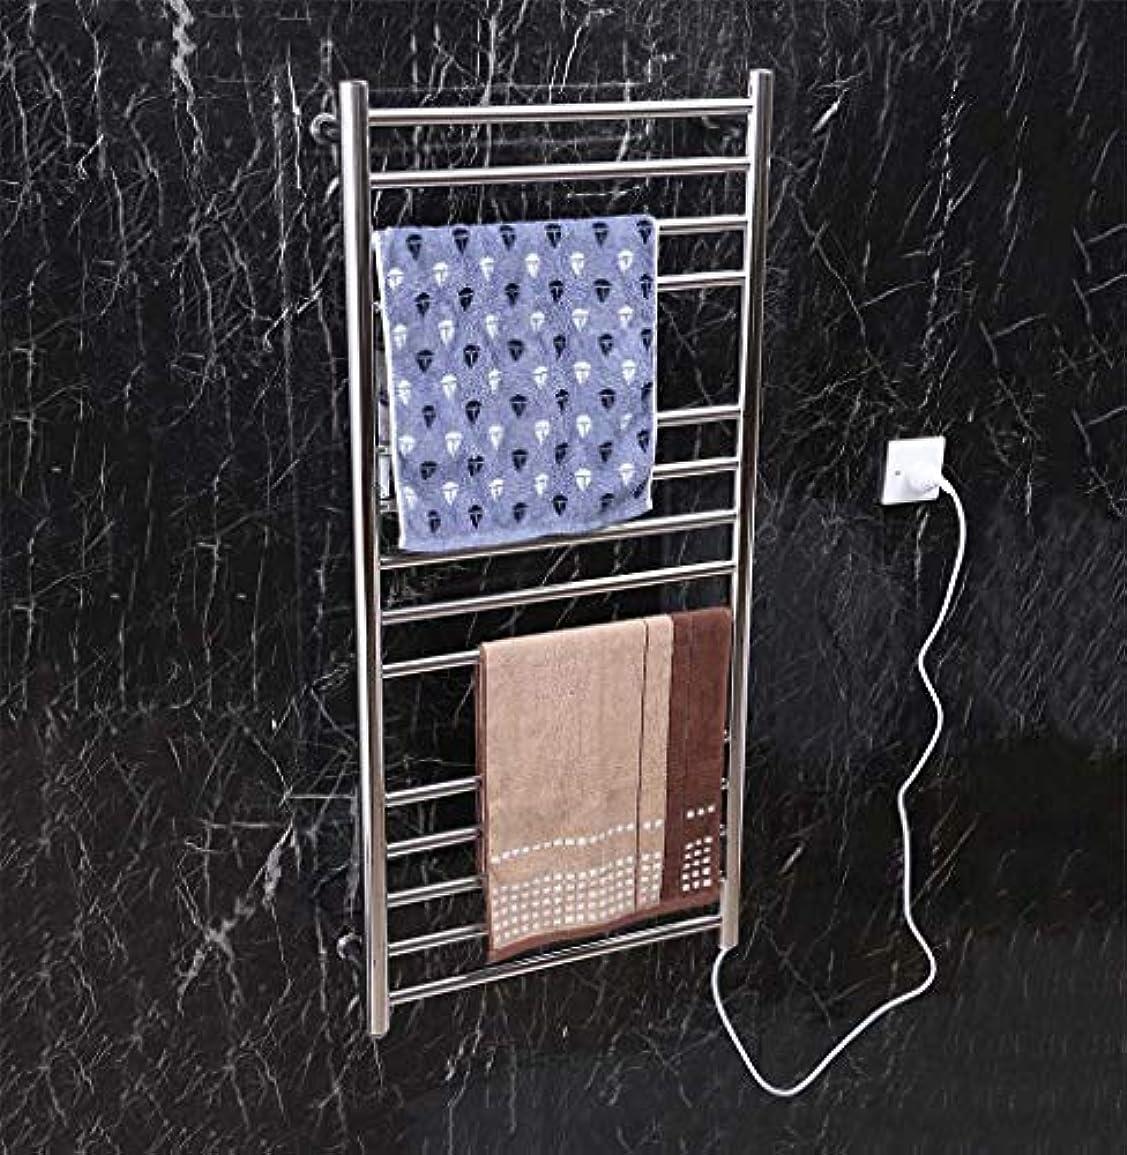 会話最大行商スマート電気タオルウォーマー、304ステンレススチール壁掛け電気タオルラジエーター、家庭用ホテルのバスルームシェルフ、1100X520X120mm